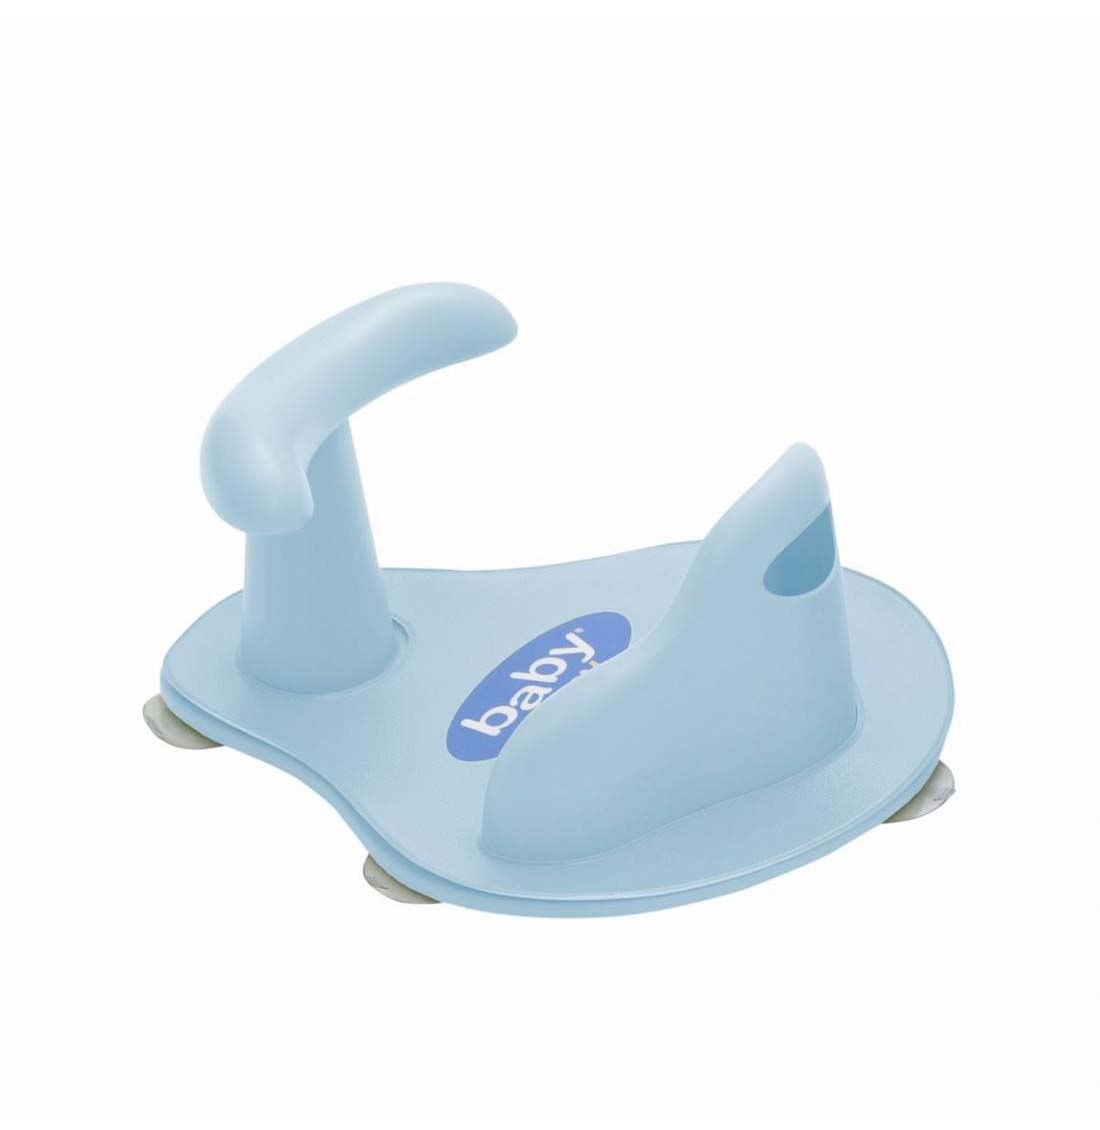 Asiento De Baño Con Indicador De Temperatura Azul